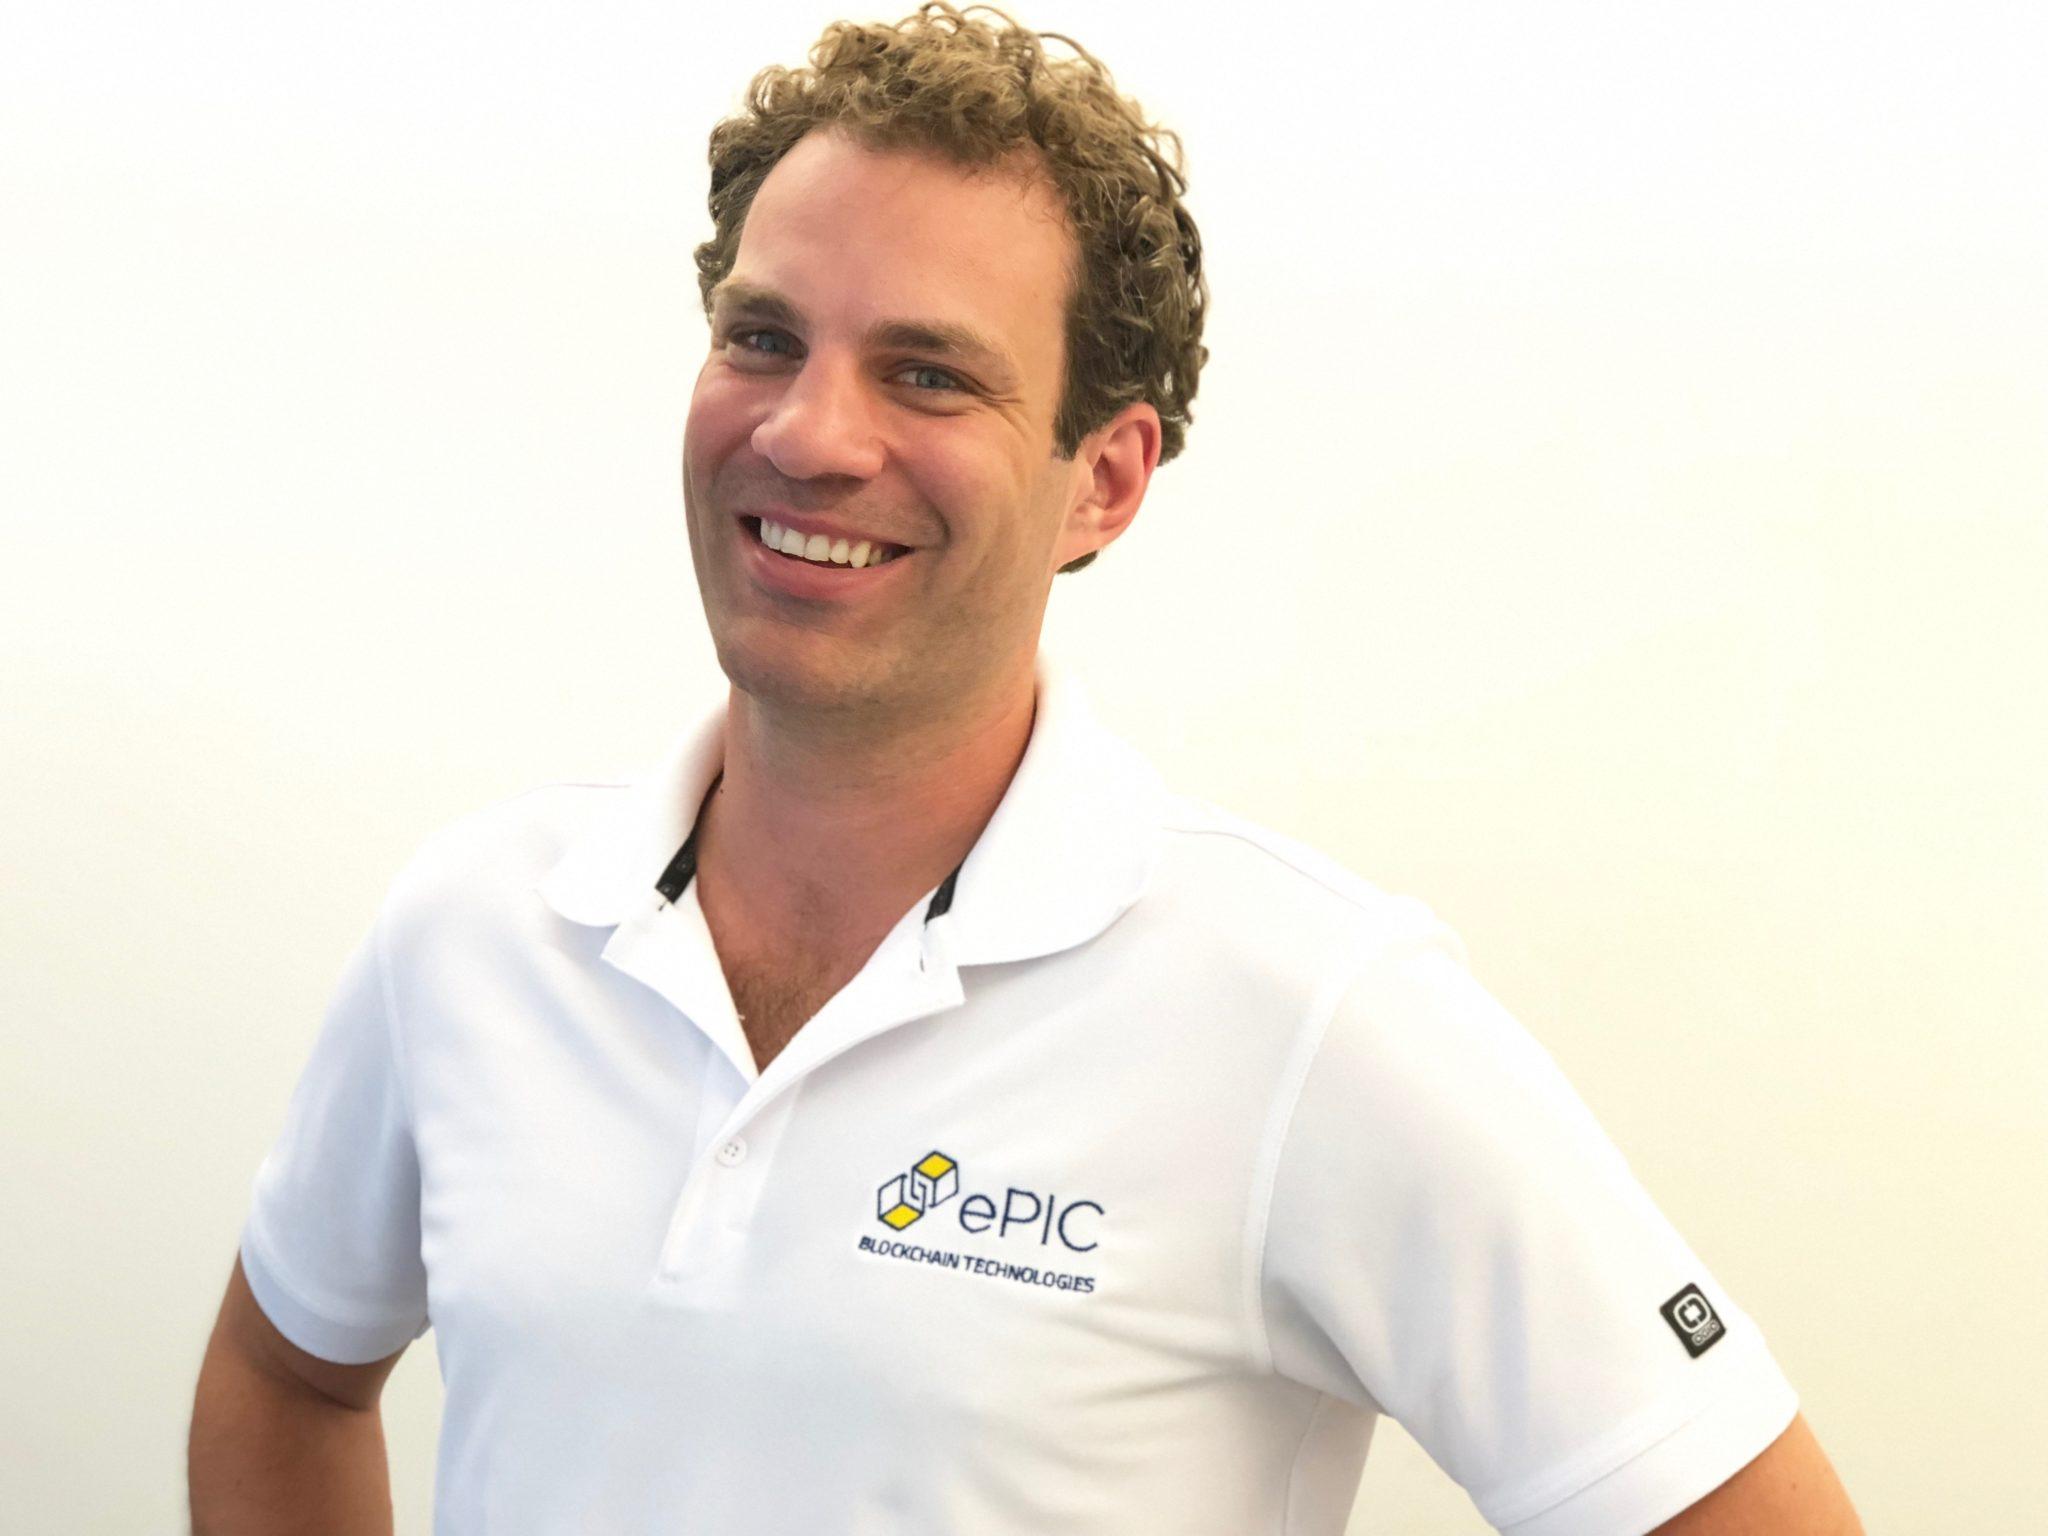 Scott Howard at StartWell